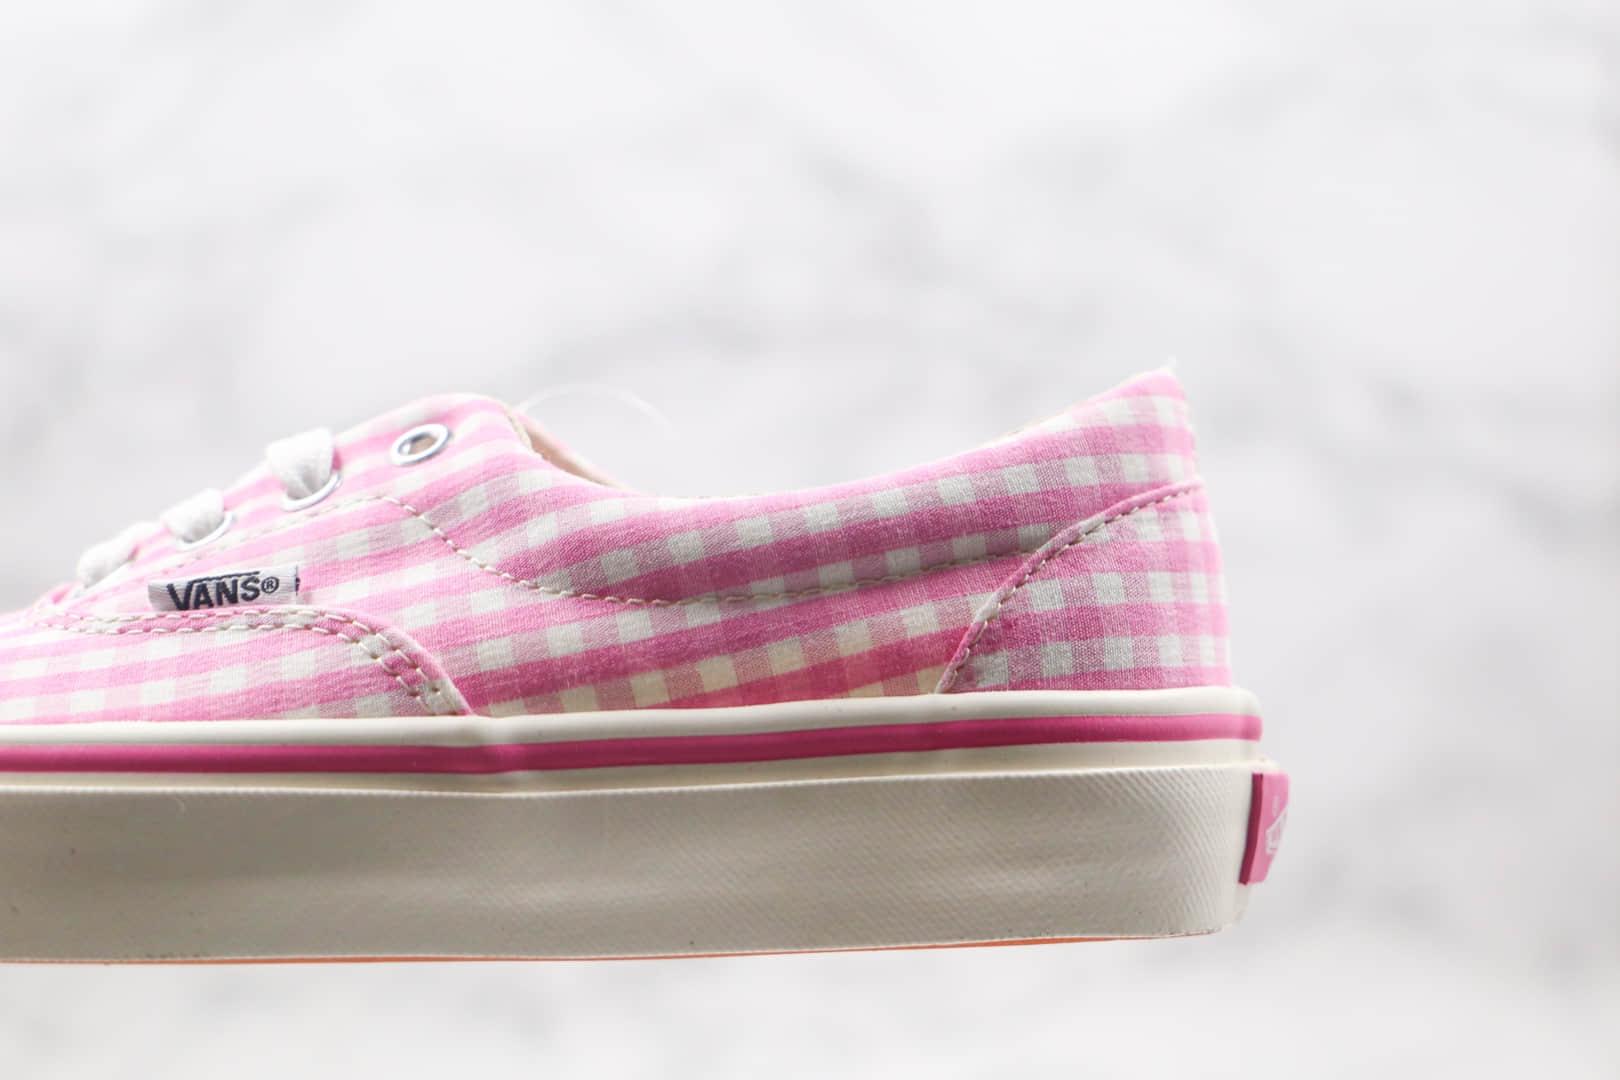 万斯Vans Vault x CDG Girl公司级版本低帮支线联名款格子粉色硫化板鞋原盒原标内置钢印